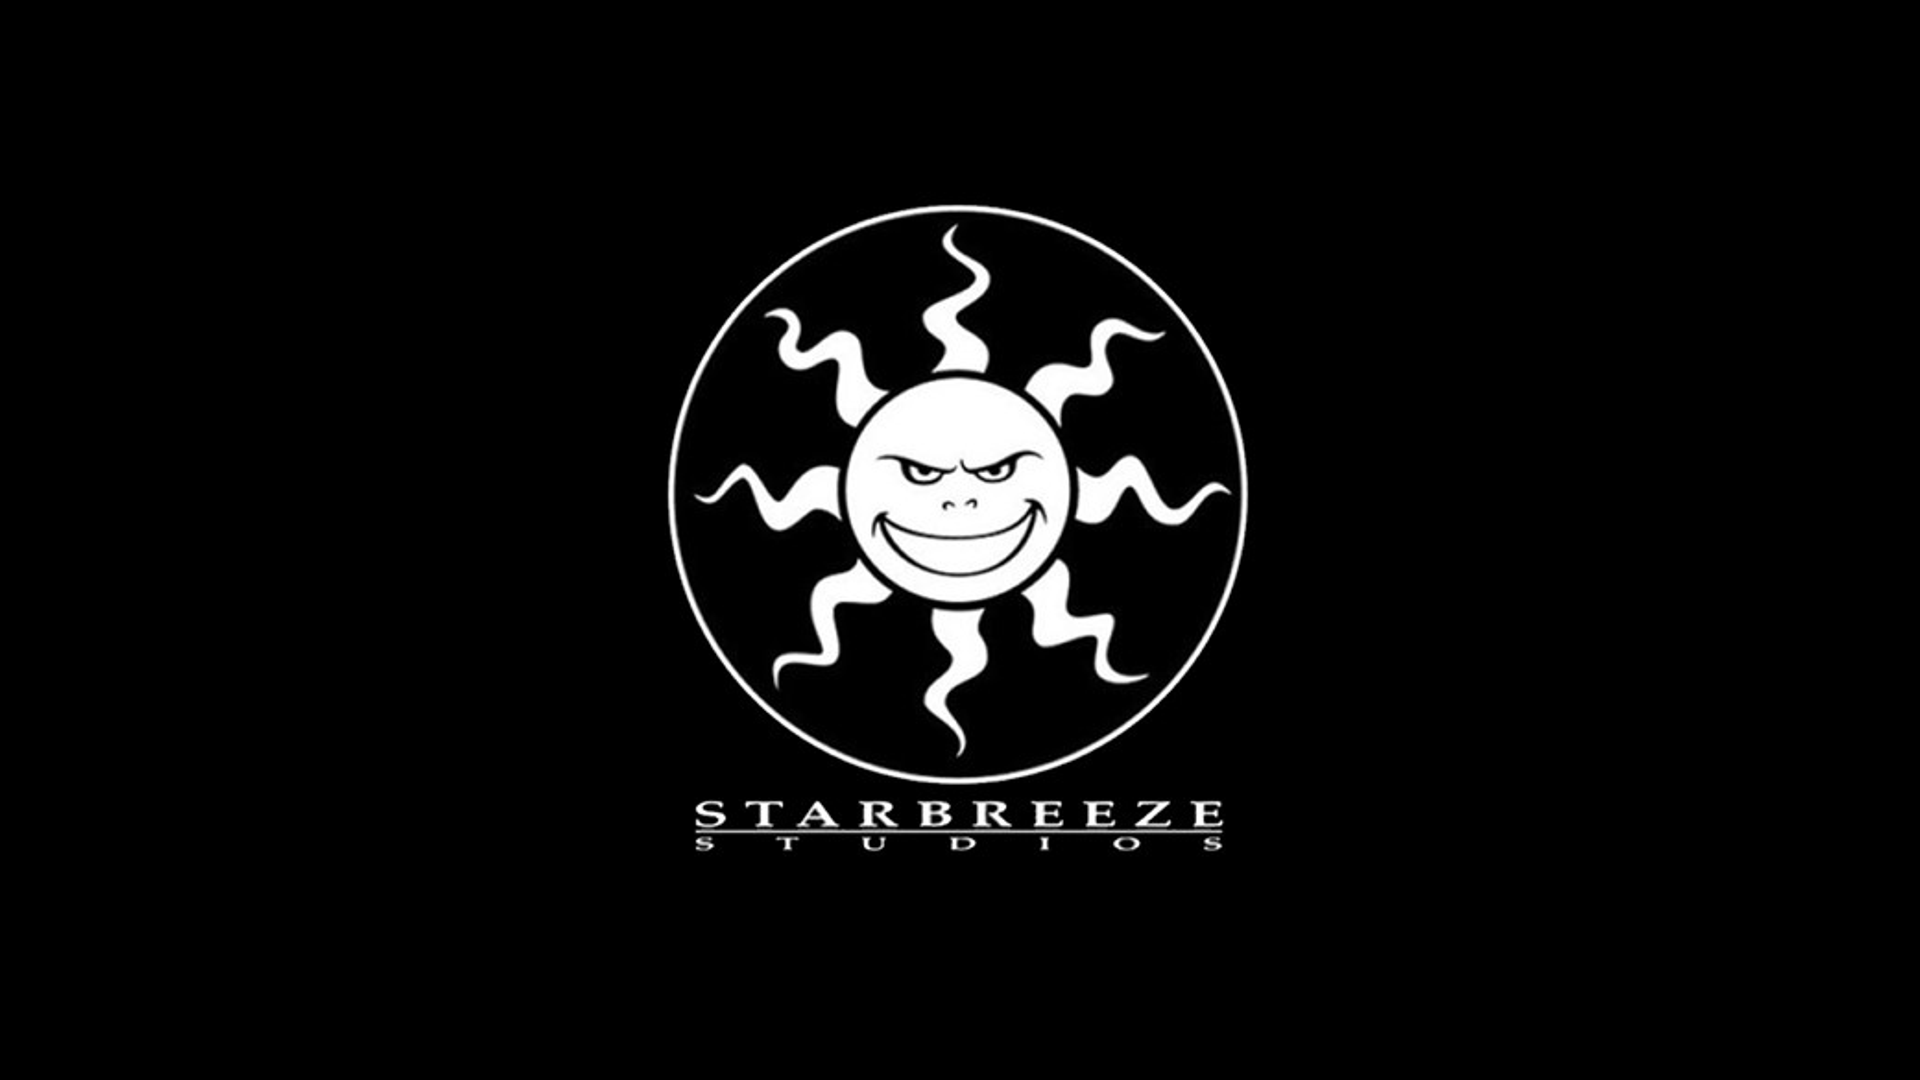 Starbreeze